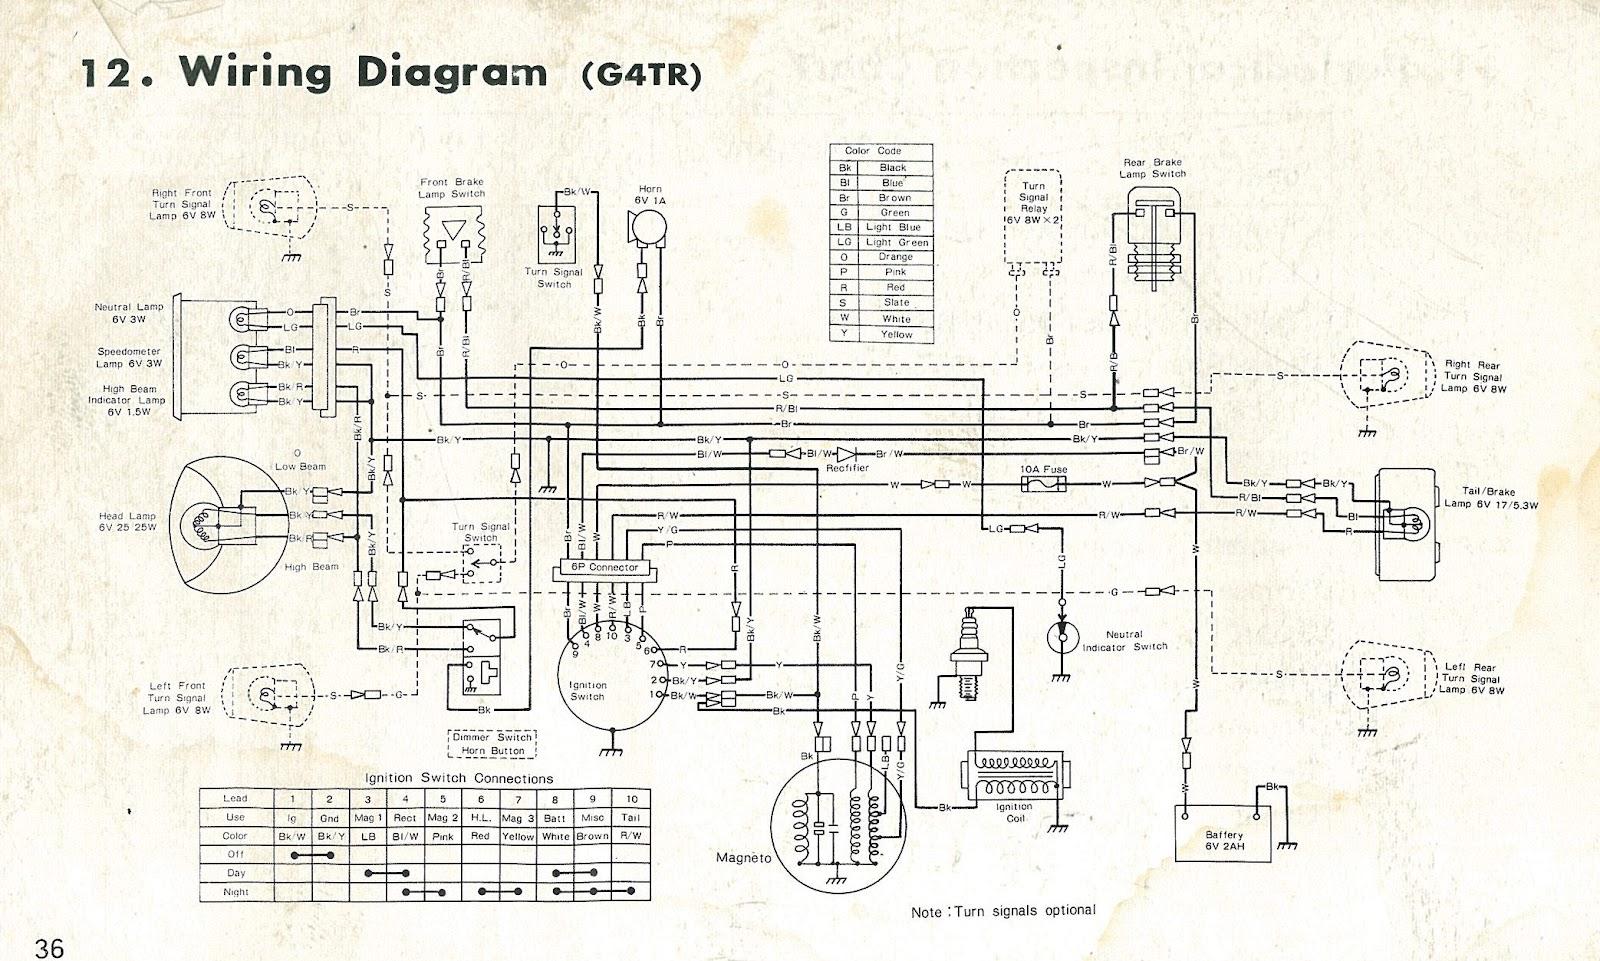 norton commando wiring diagram fleetwood rv diagrams 1974 ballast resistor